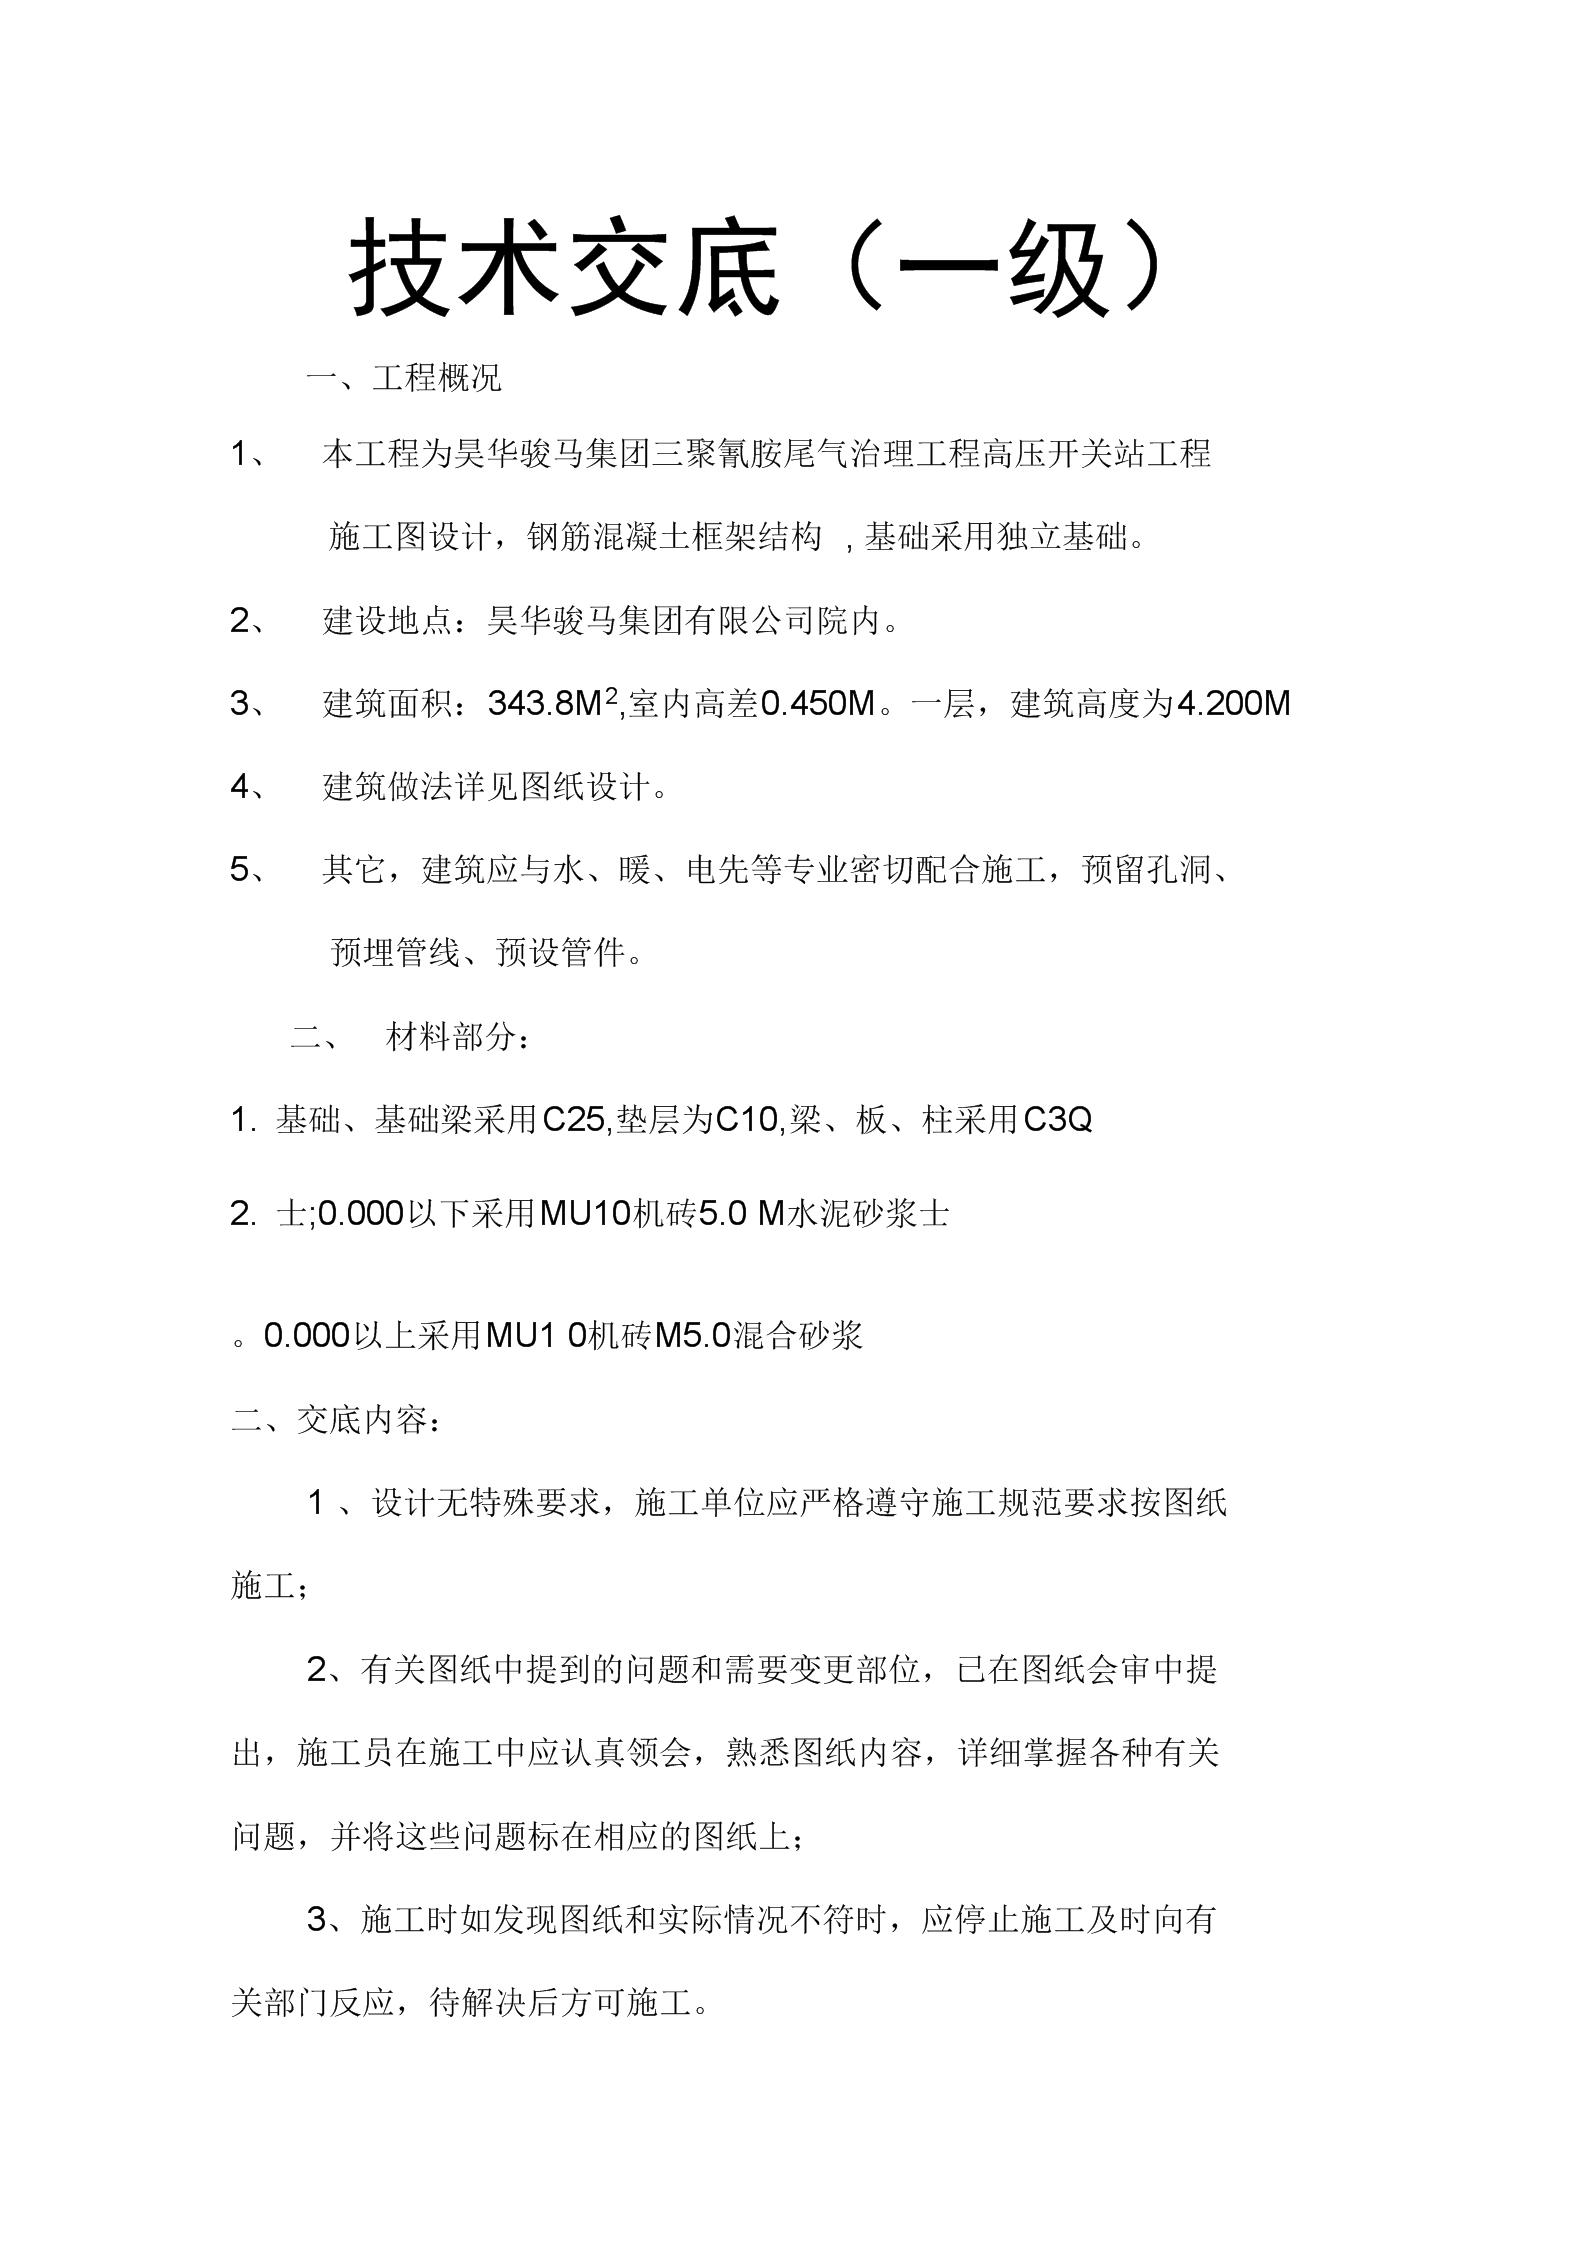 最新全技术交底.docx